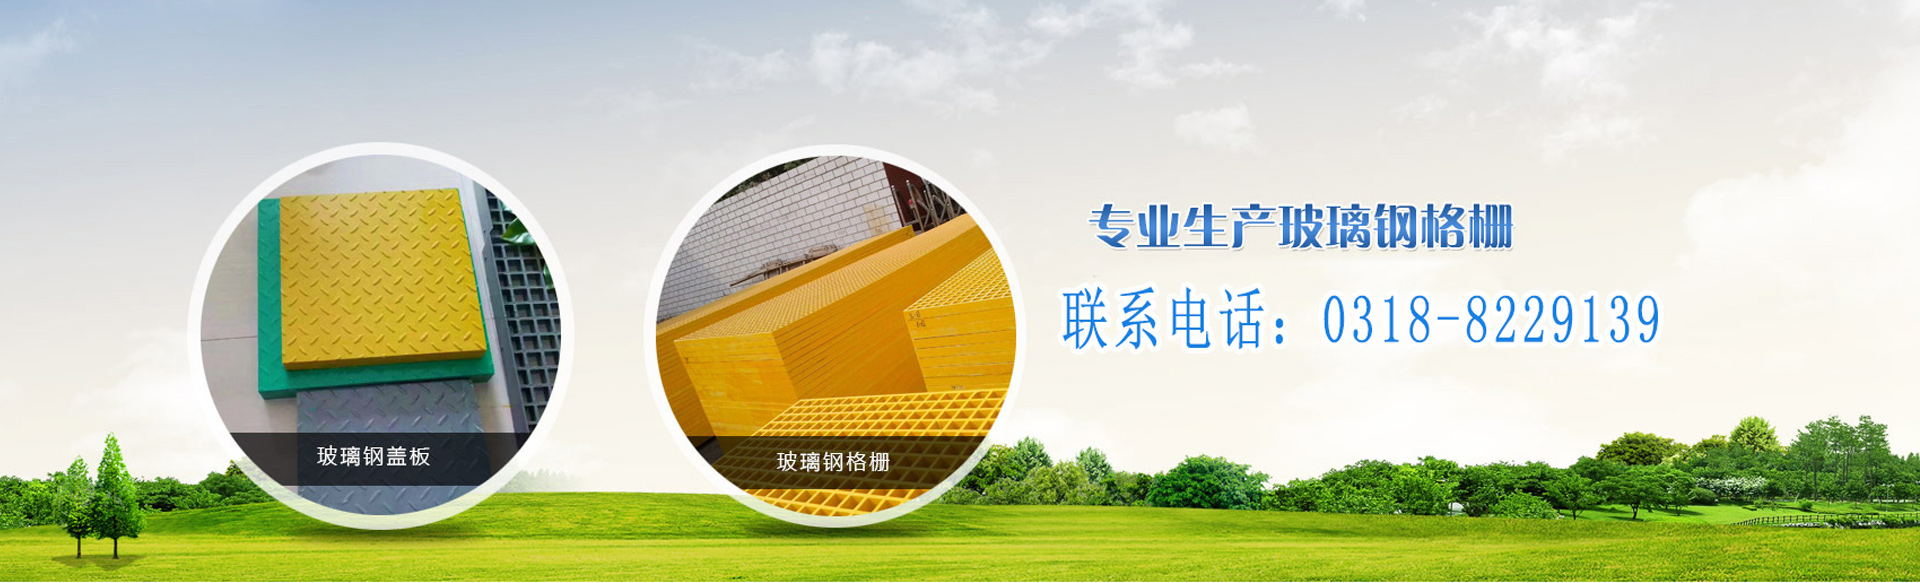 枣强县前王水暖配件厂